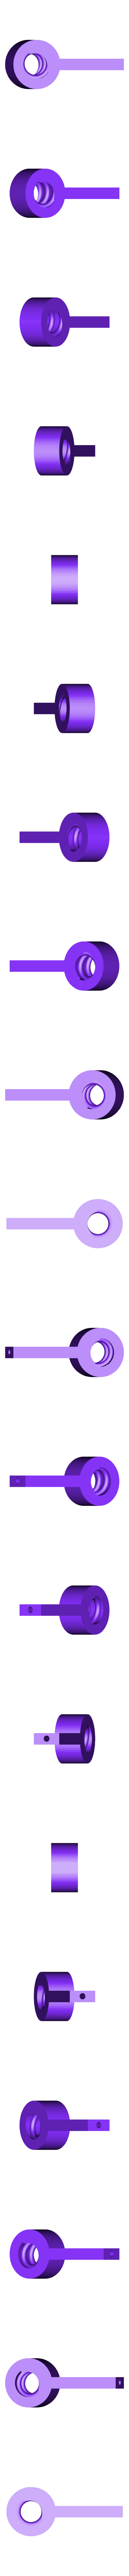 curseur.stl Télécharger fichier STL gratuit Tirelire-Vises les étoiles ! • Plan pour impression 3D, rfbat